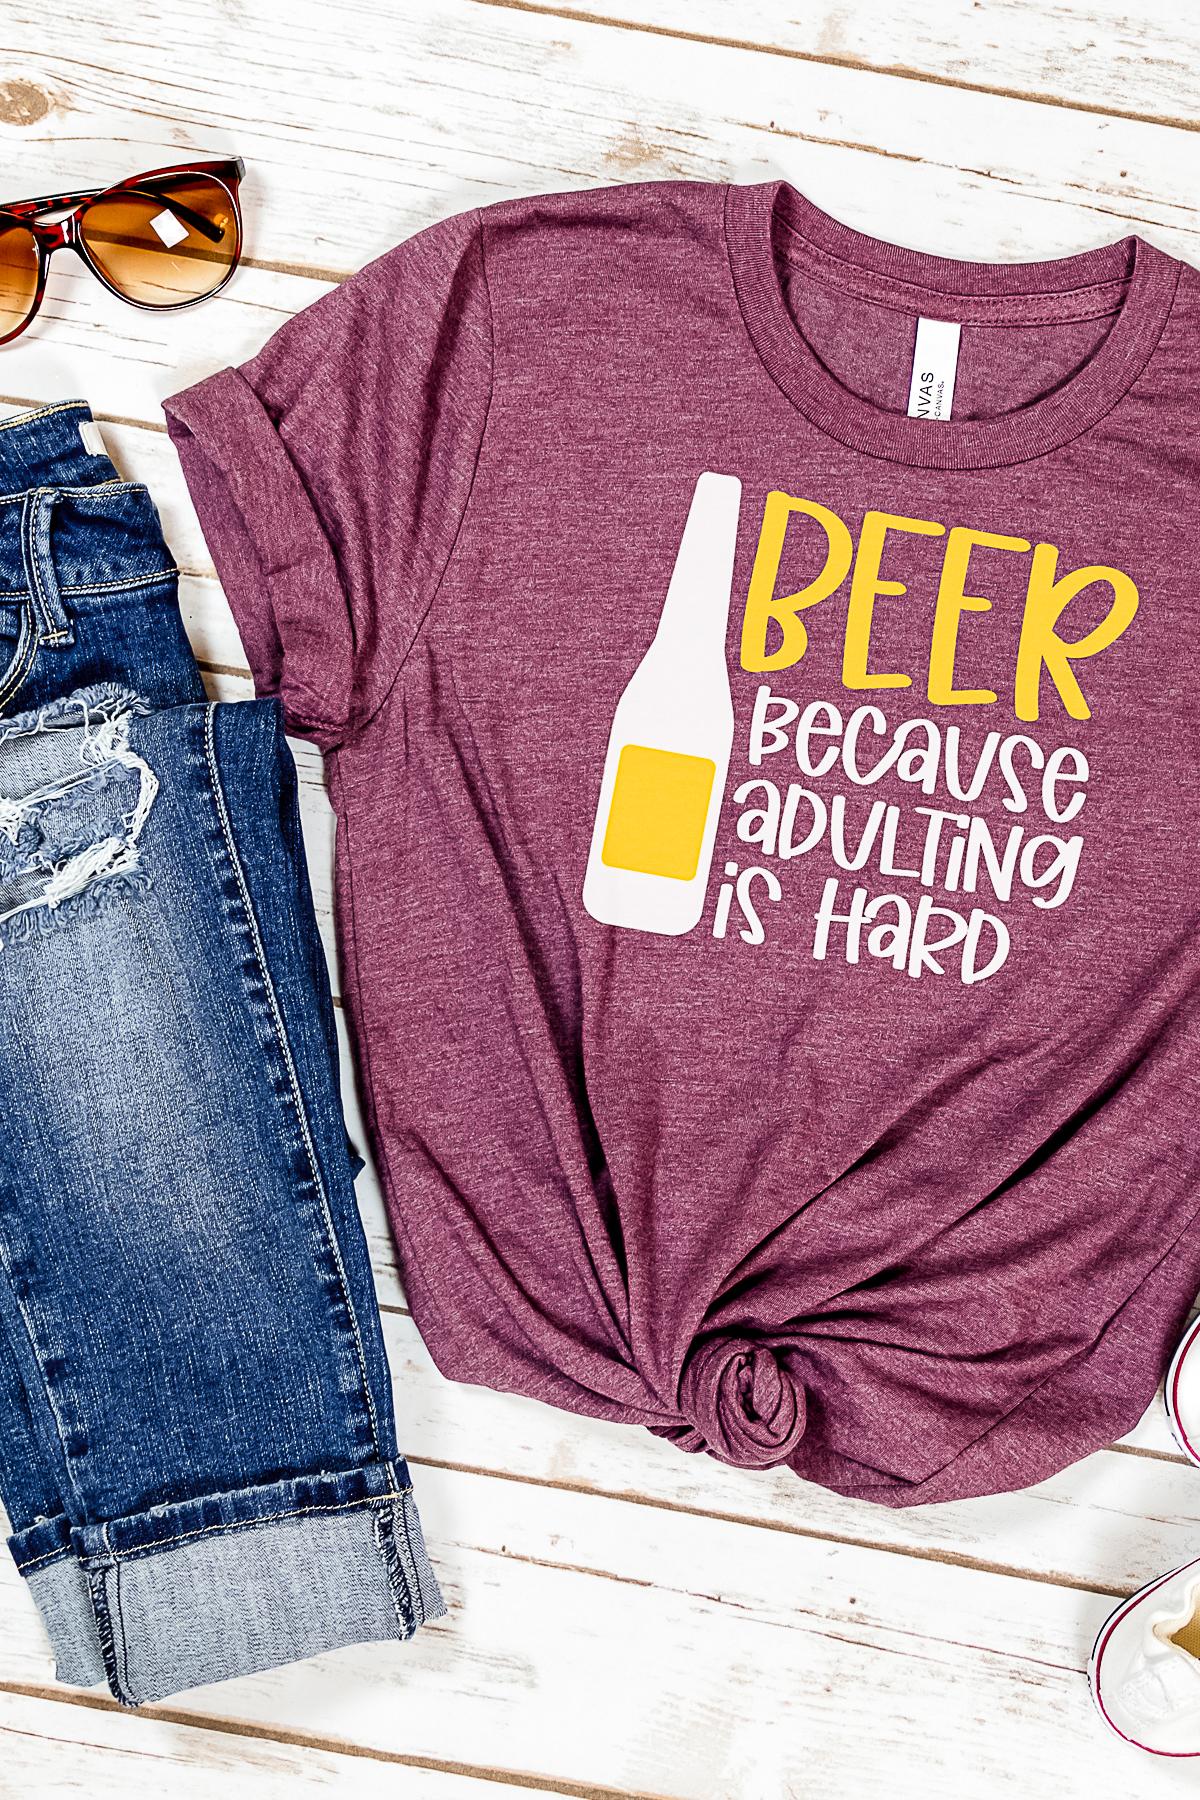 beer shirt made on a cricut